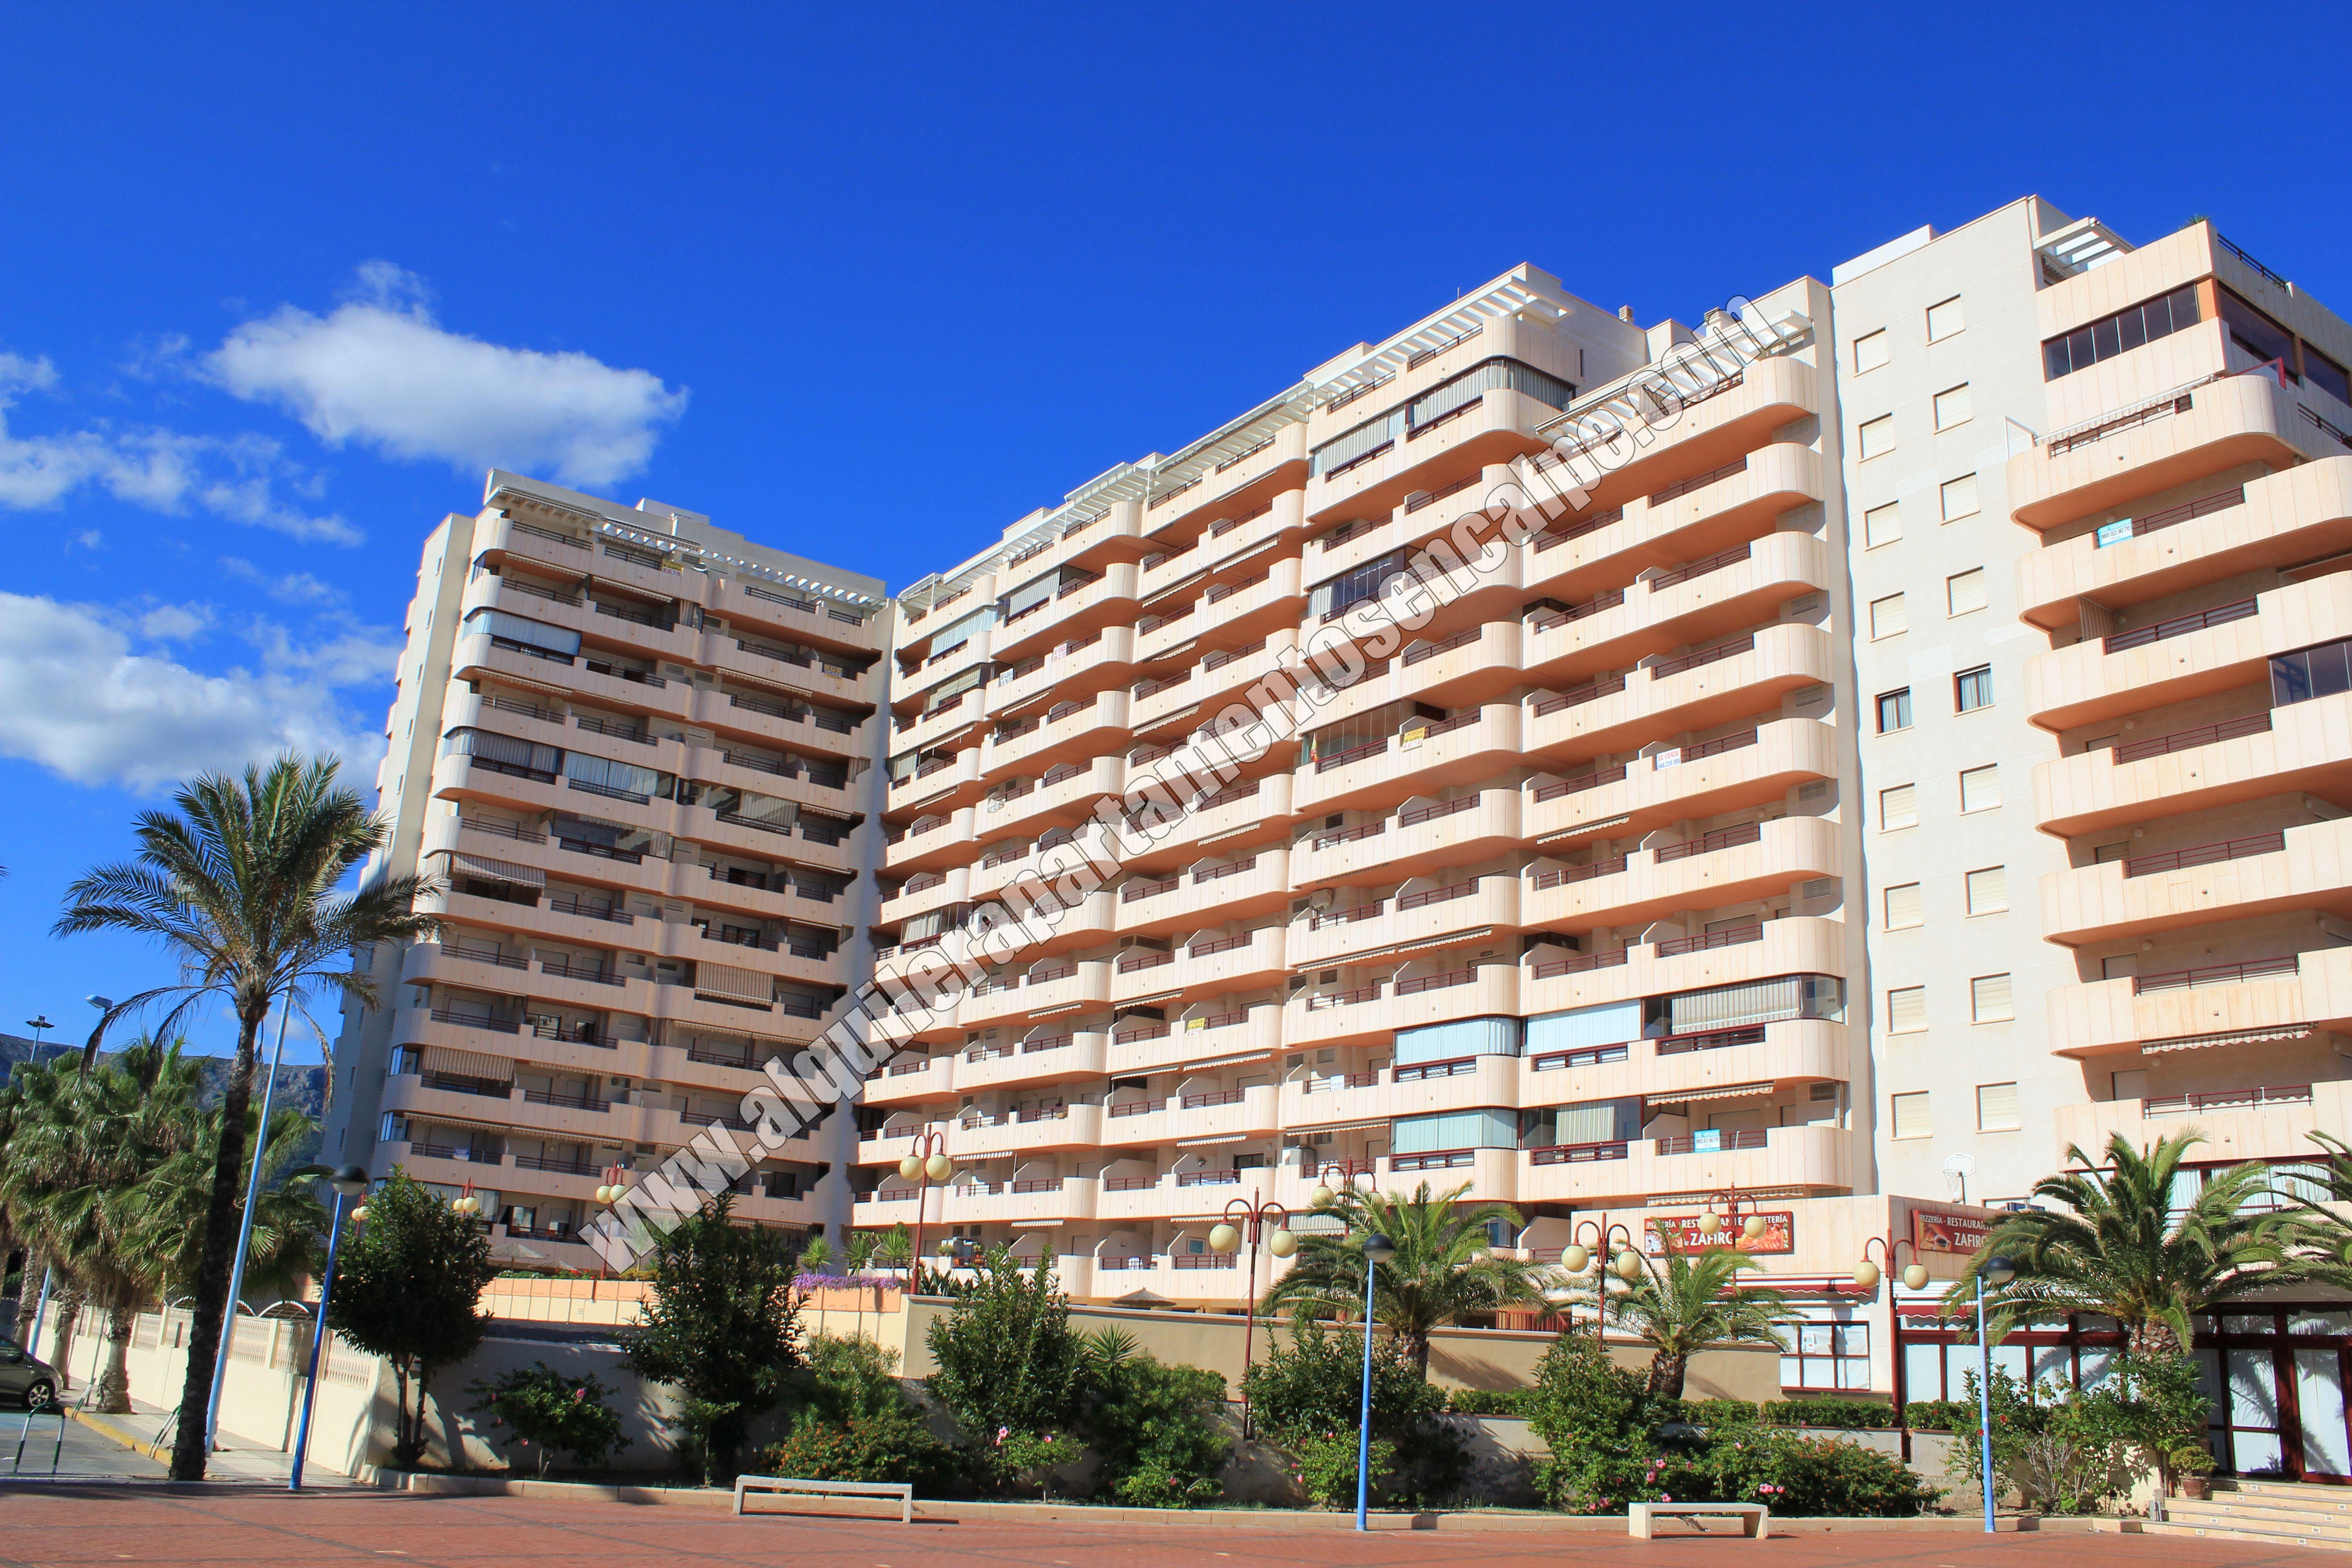 Descripción Y Características De Nuestros Apartamentos De Alquiler Apartamentos Edificios Fachadas Edificios